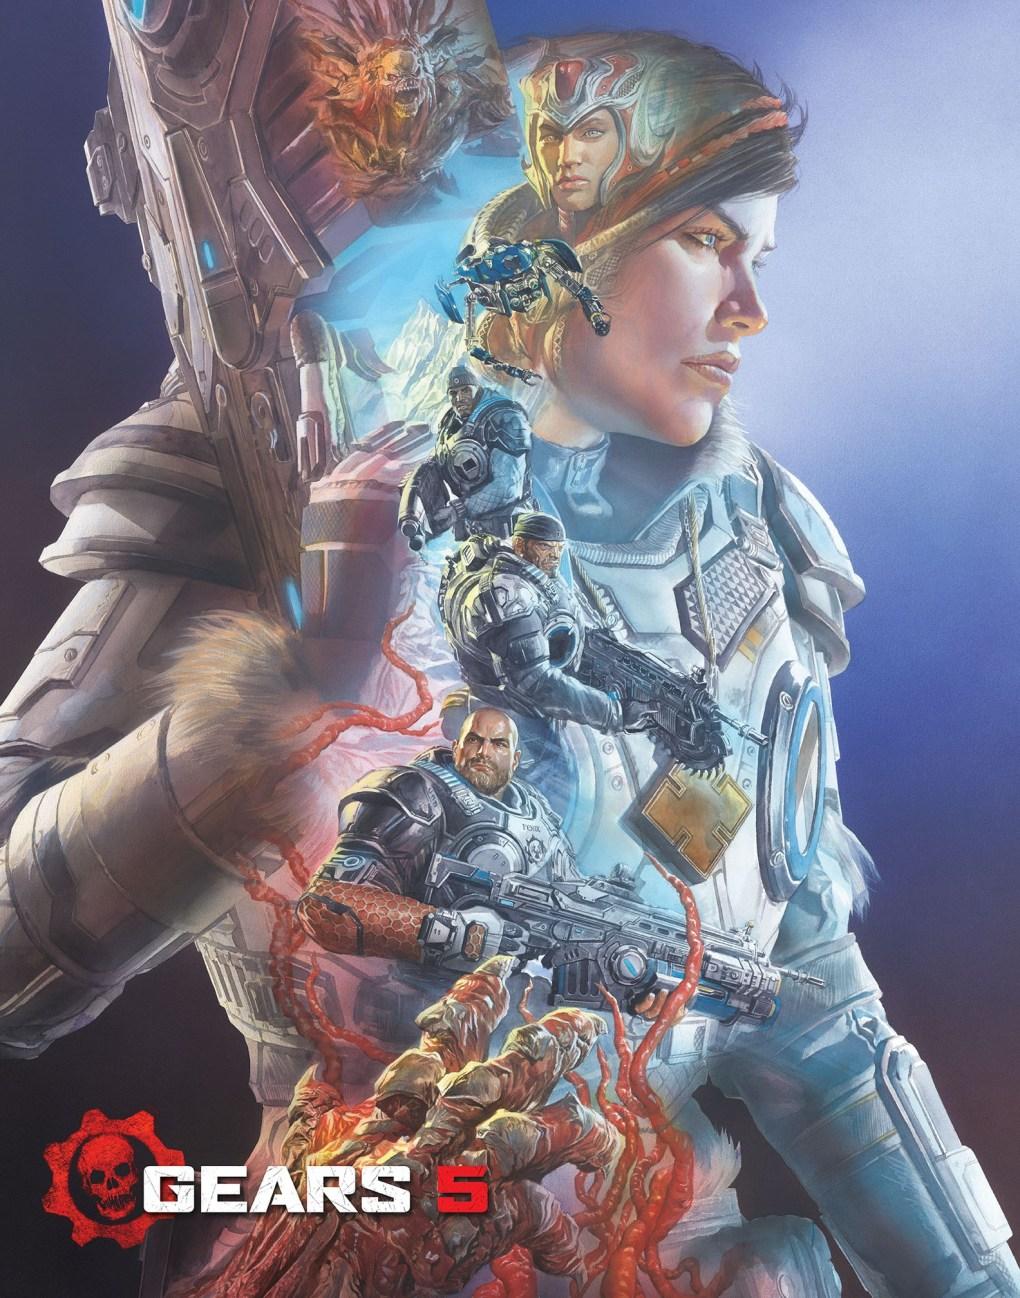 Póster de Gears 5 creado por Alex Ross